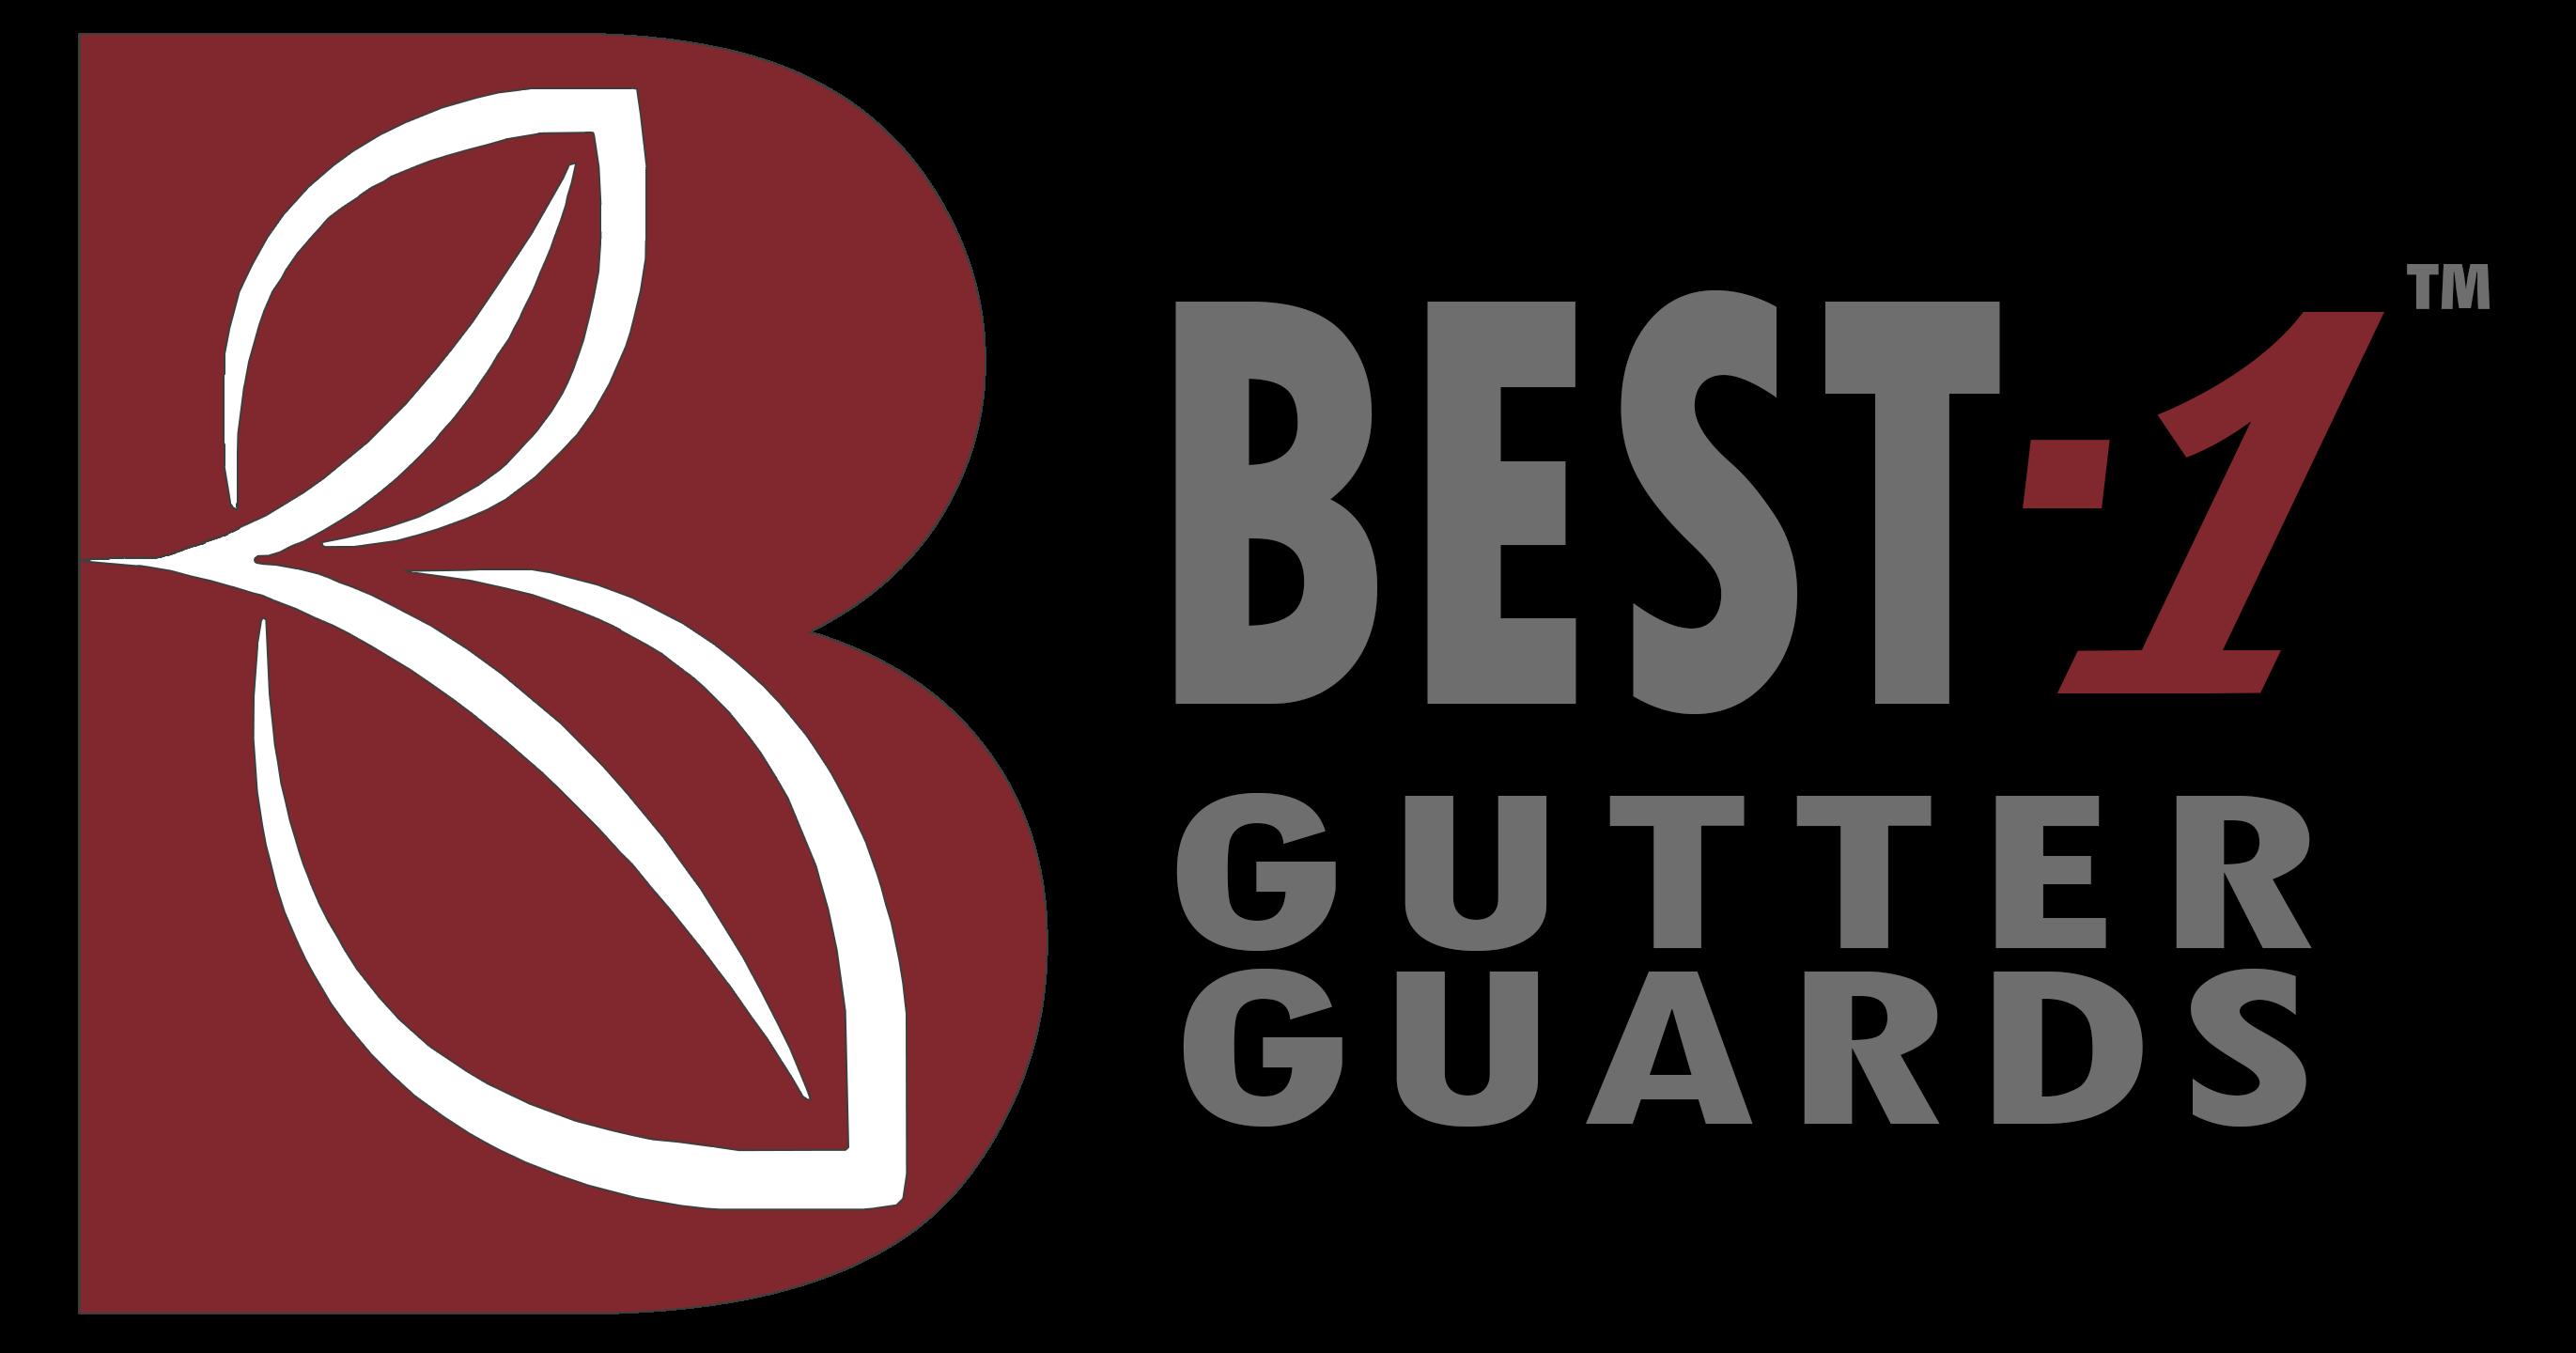 Best-1™ Gutter Guards